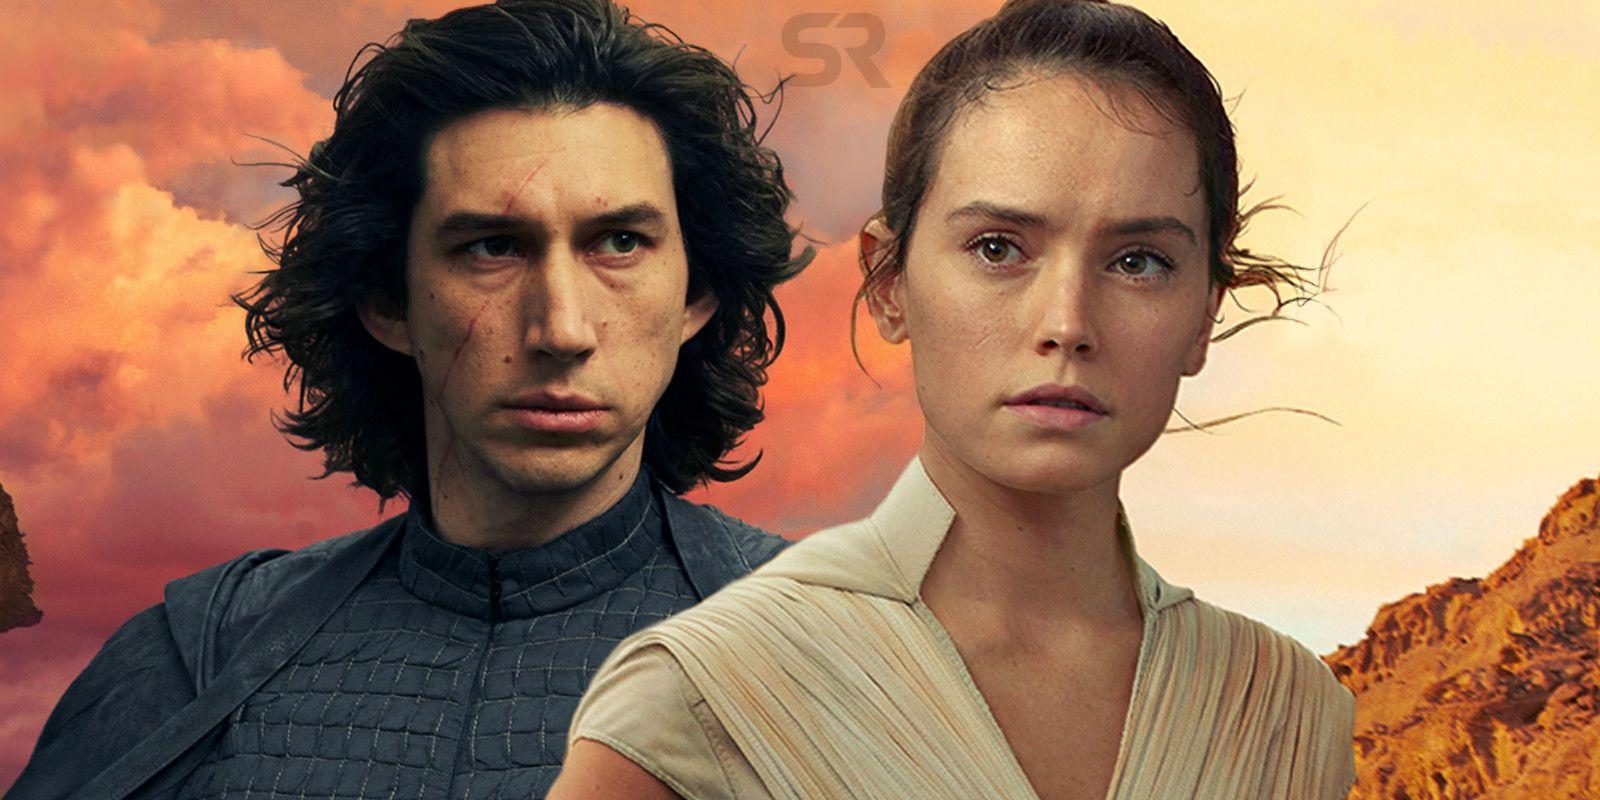 Star Wars 9: Rey Isn't Satisfied With Kylo Ren's Parents Reveal